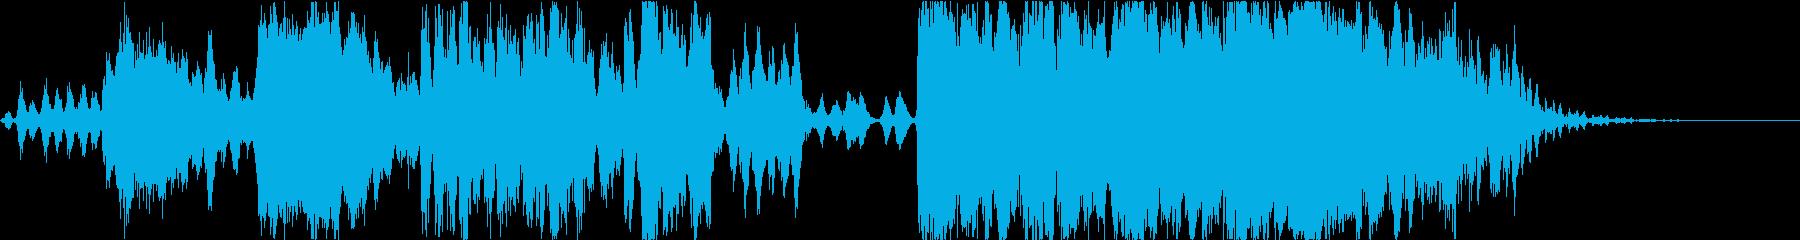 ストリングスのペンタミニマル的楽曲の再生済みの波形